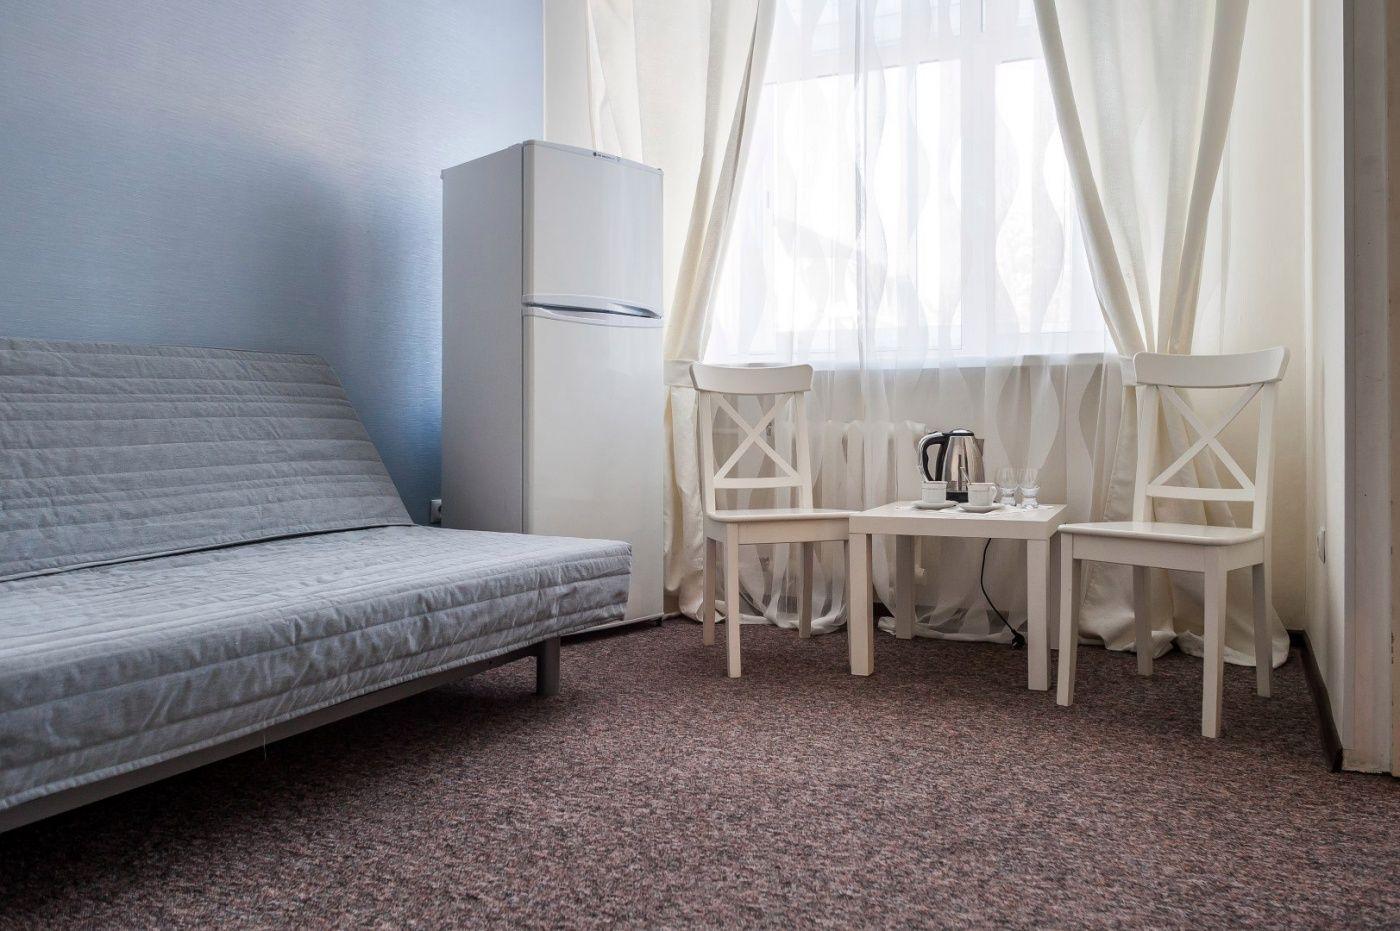 """База отдыха """"Баден-Баден Лесная сказка"""" Челябинская область Номер """"Полулюкс"""" 1-комнатный, фото 9"""